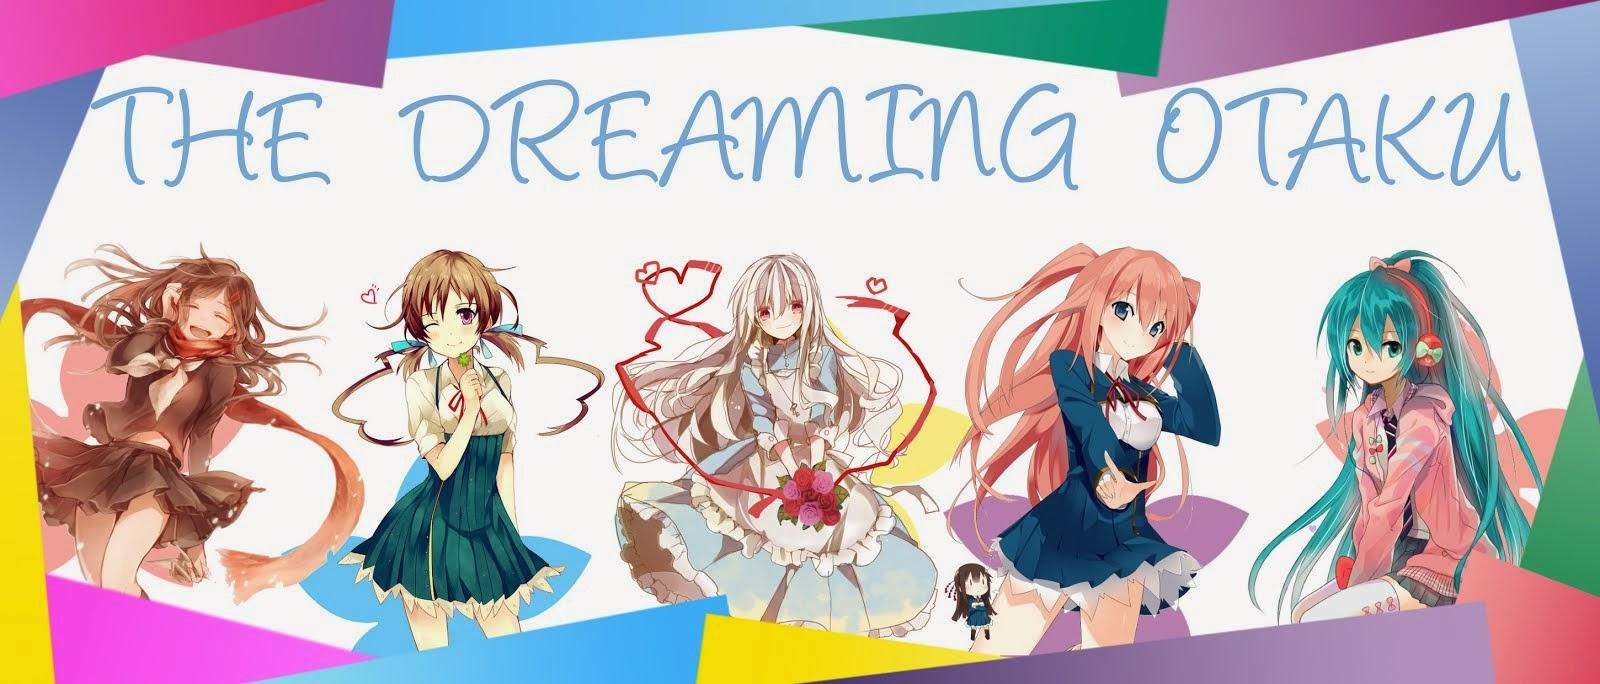 The Dreaming Otaku!